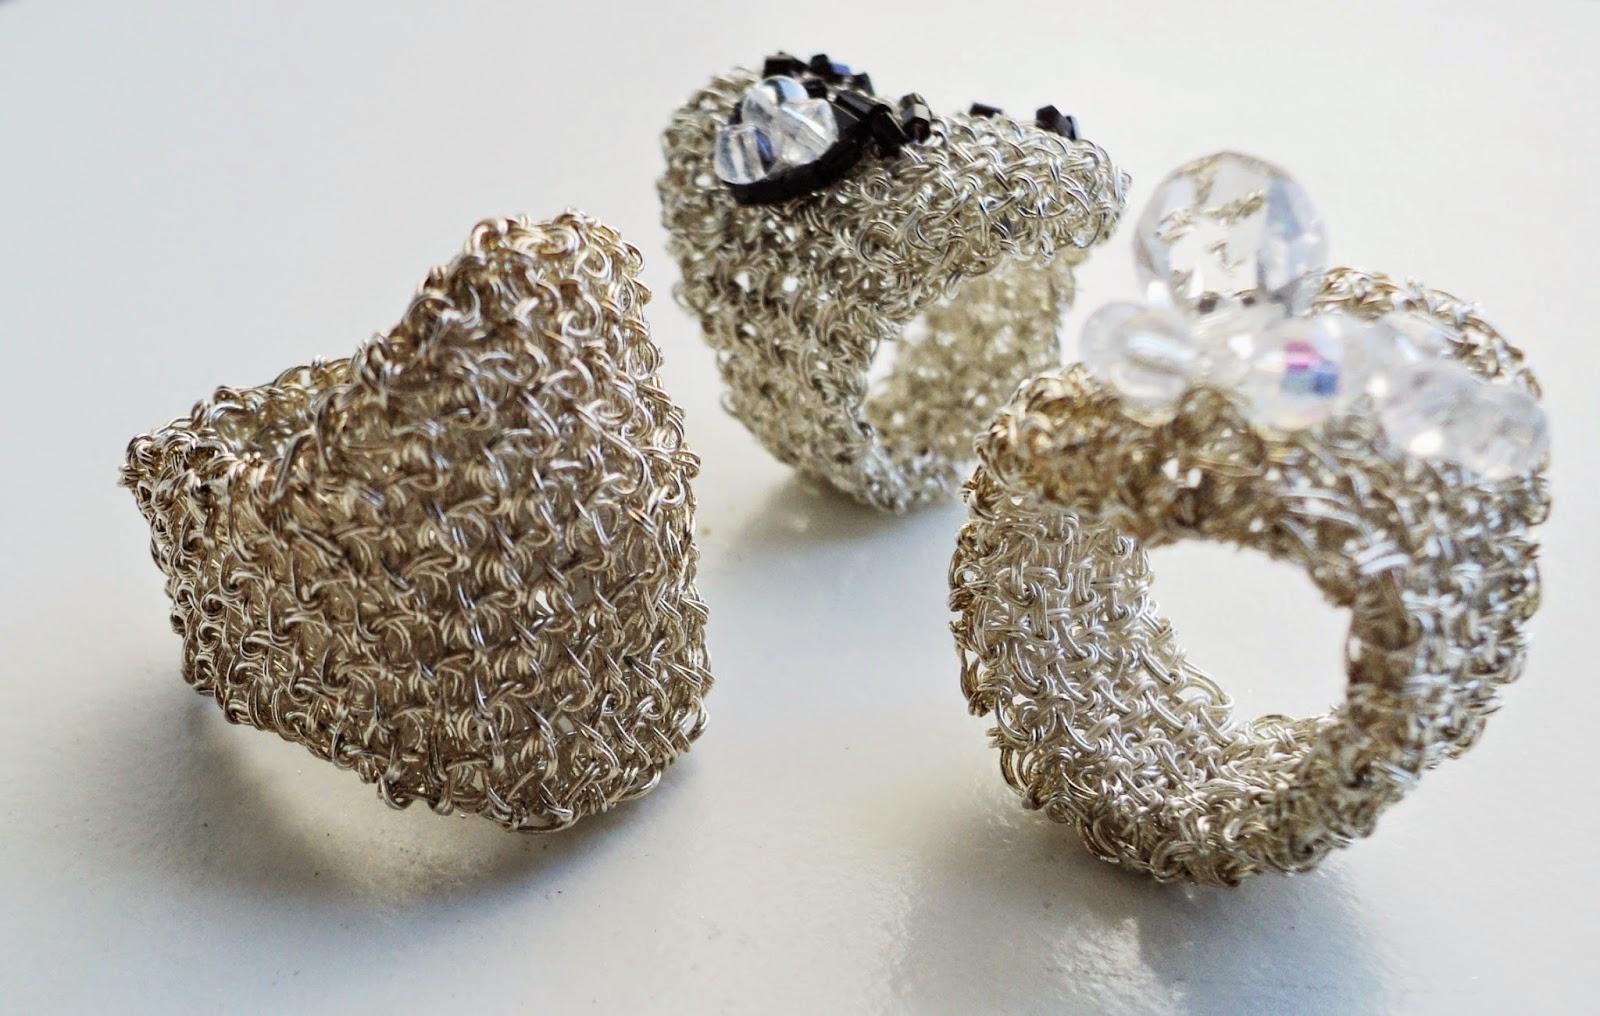 mujer de lujo joyería anillo de plata Descargar Fotos gratis